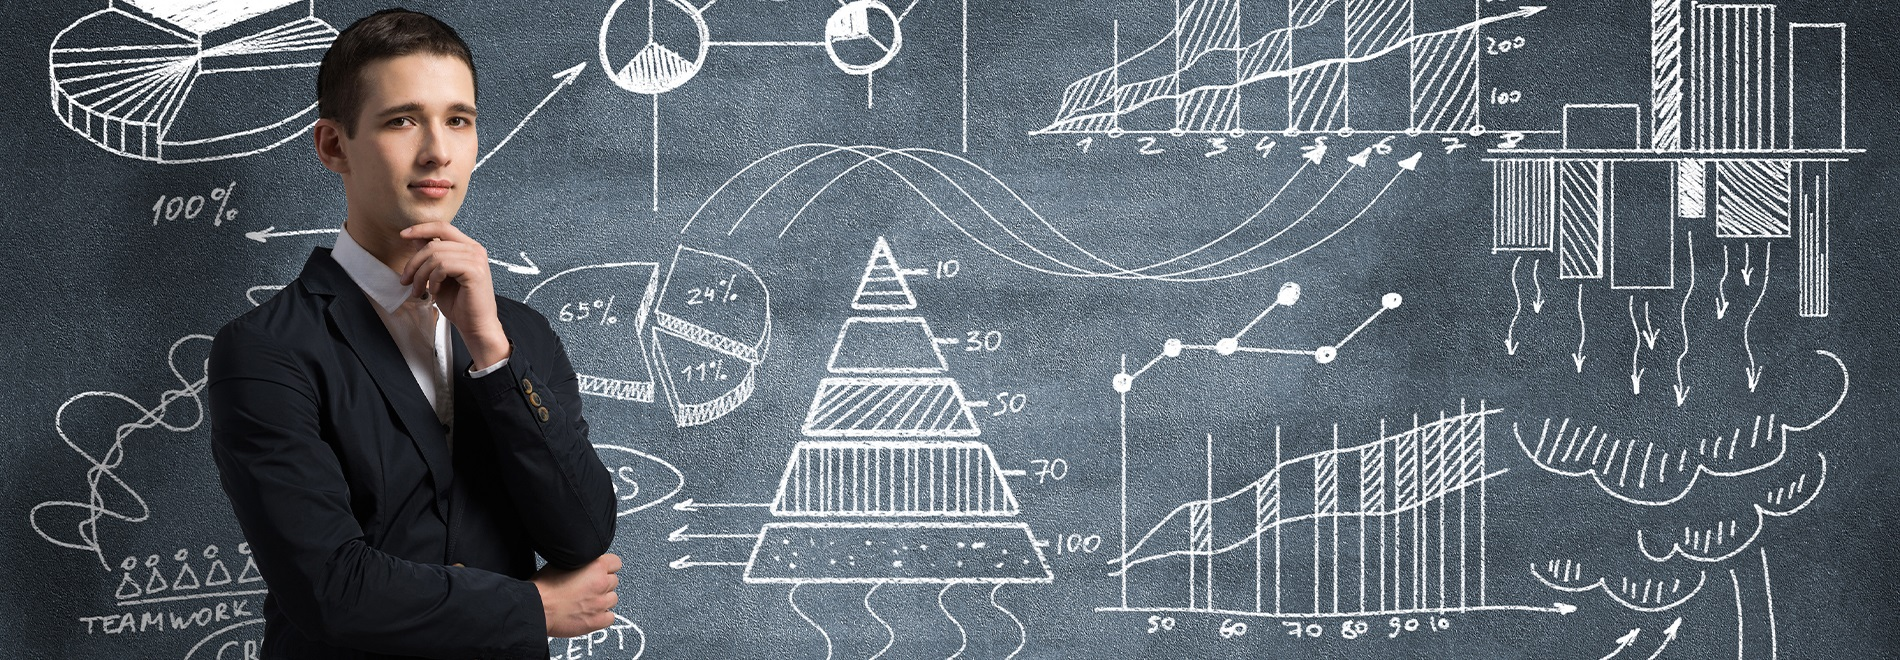 ¿Qué tipo de ingenieros necesita el mercado laboral?